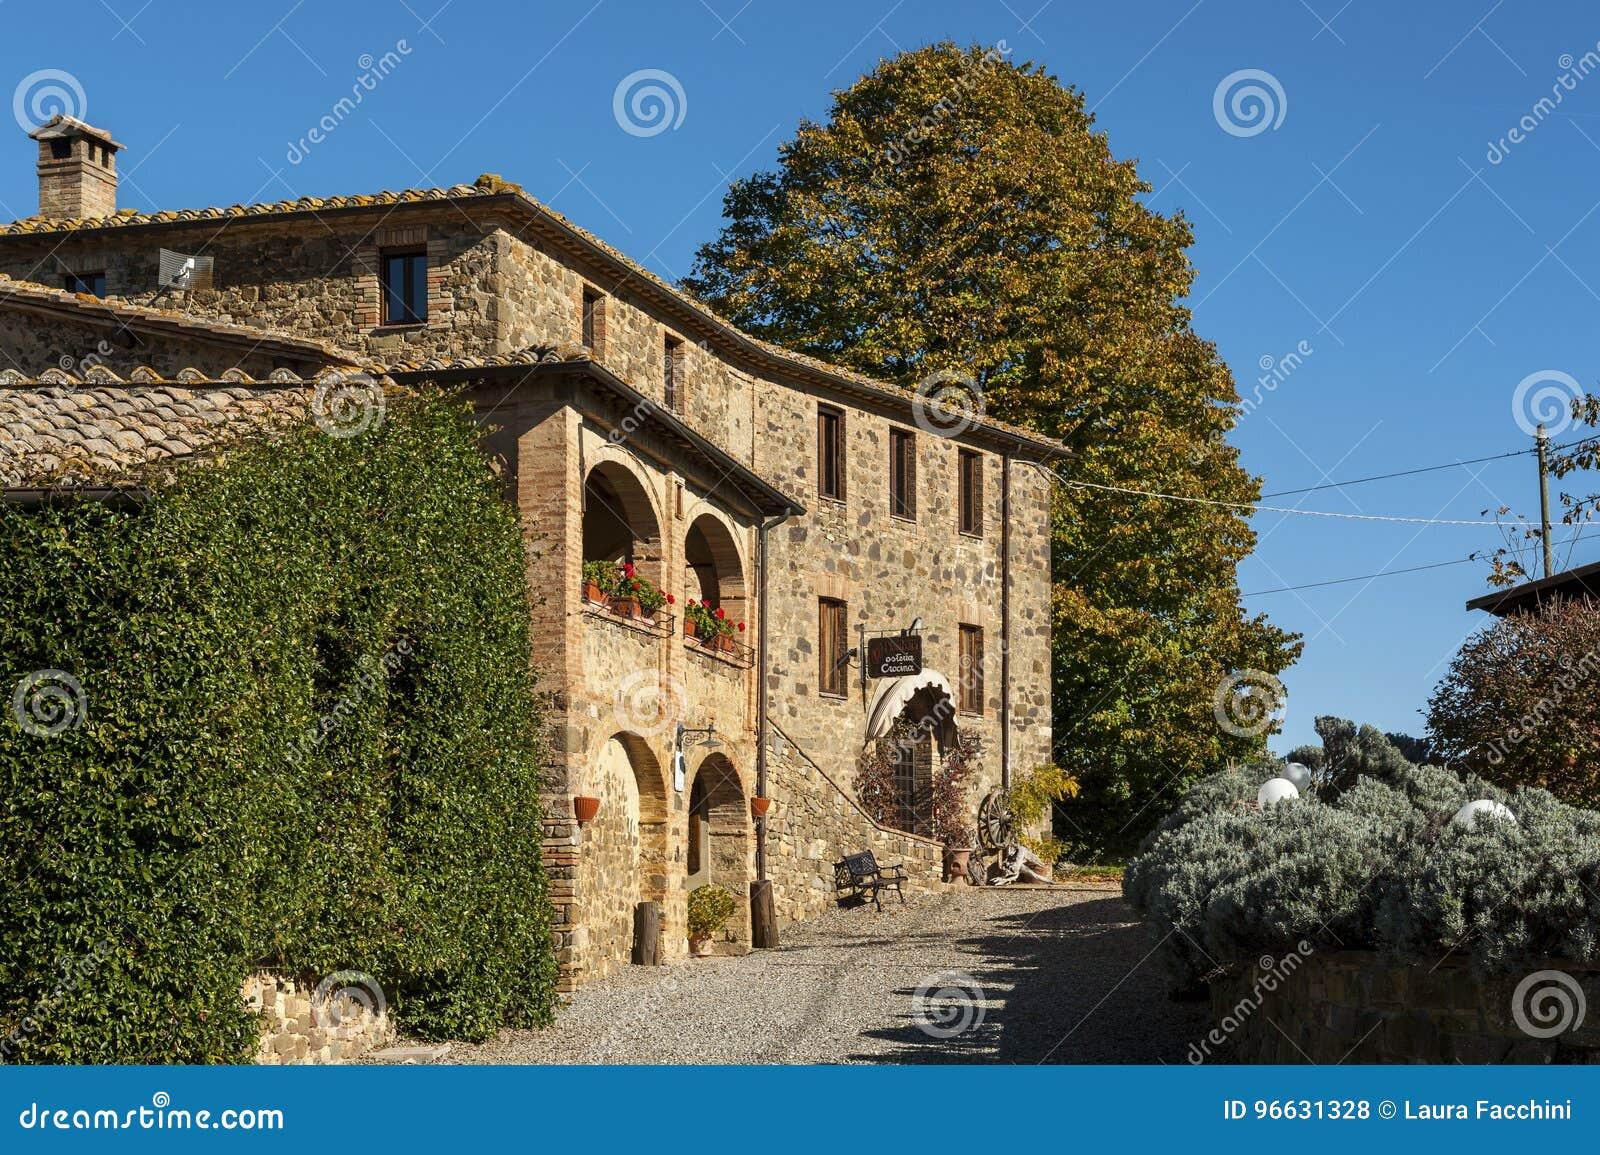 MONTALCINO - TUSCANY/ITALY: 31 OKTOBER, 2016: Typische wijnmakerij in Montalcino